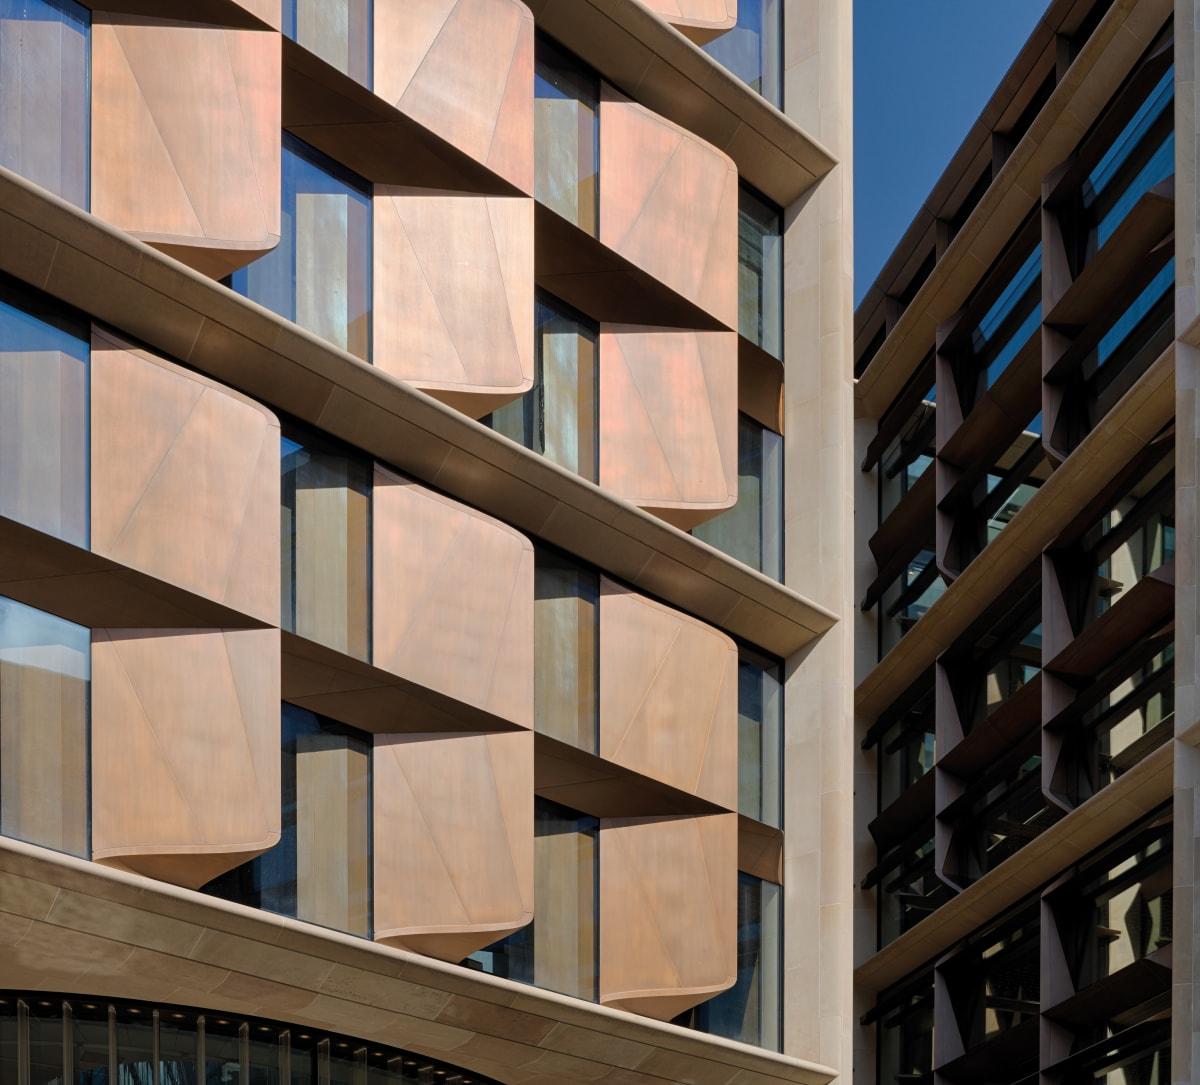 stanton moor facades - bloomberg hq